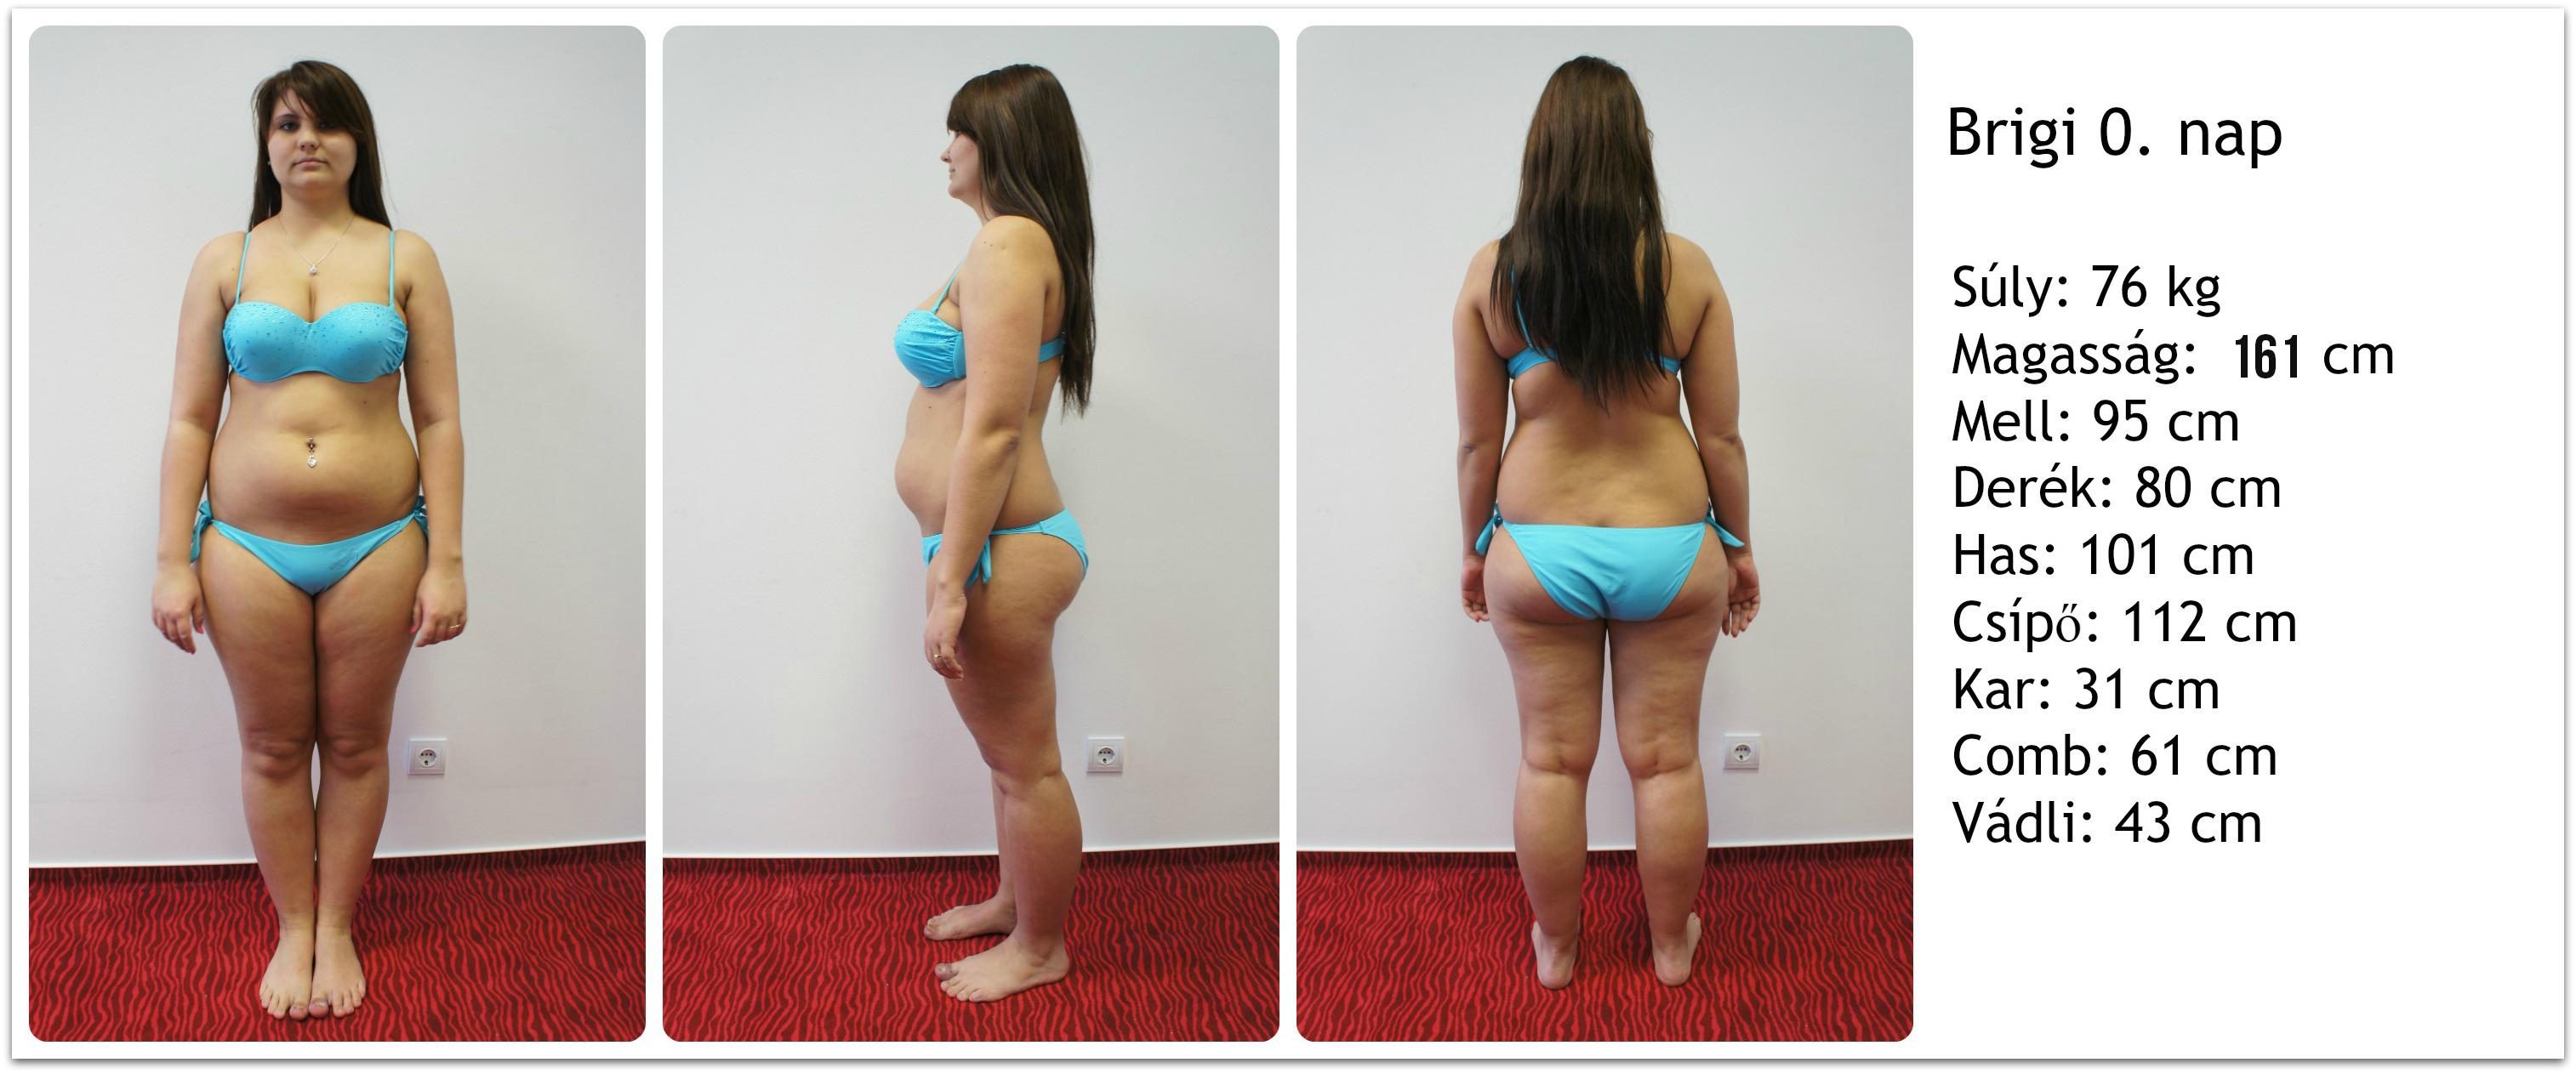 1 hónap alatt -5kg hogyan lehetséges? 1 hónap nekem 5 kg fogyás